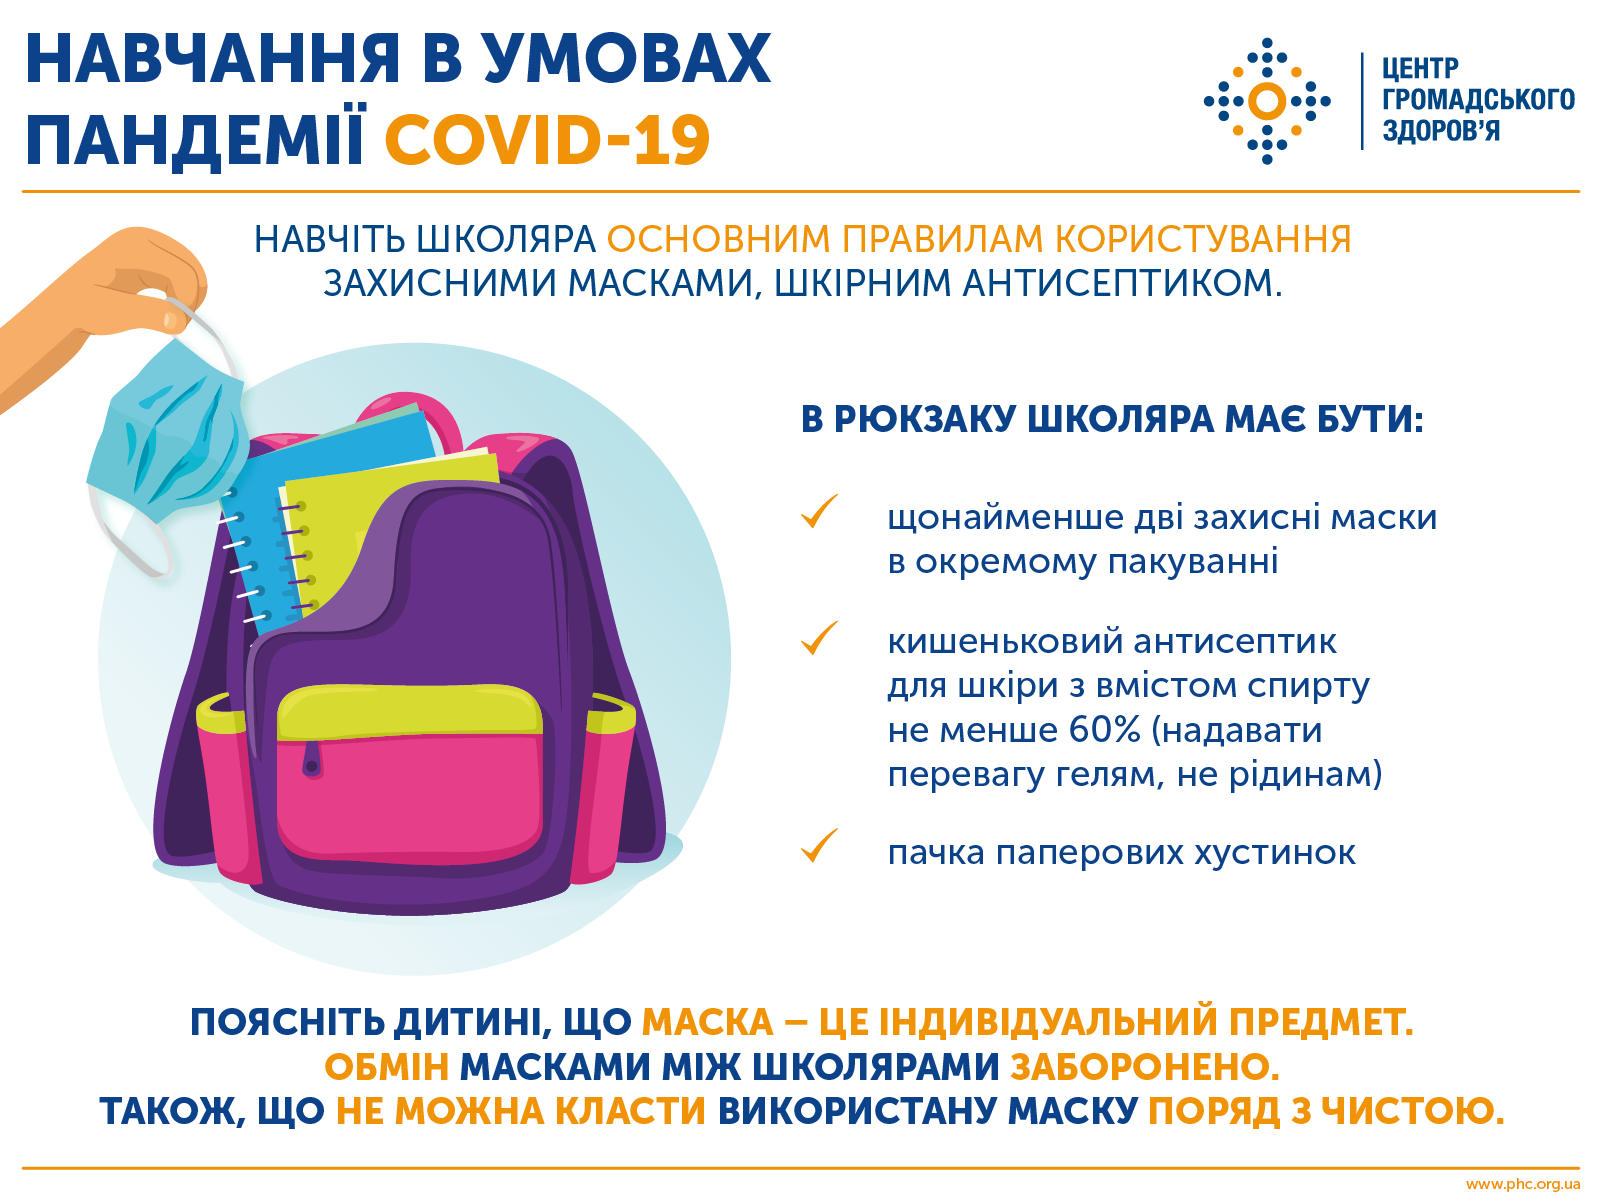 Захиститись від коронавірусу: що має бути в рюкзаках учнів